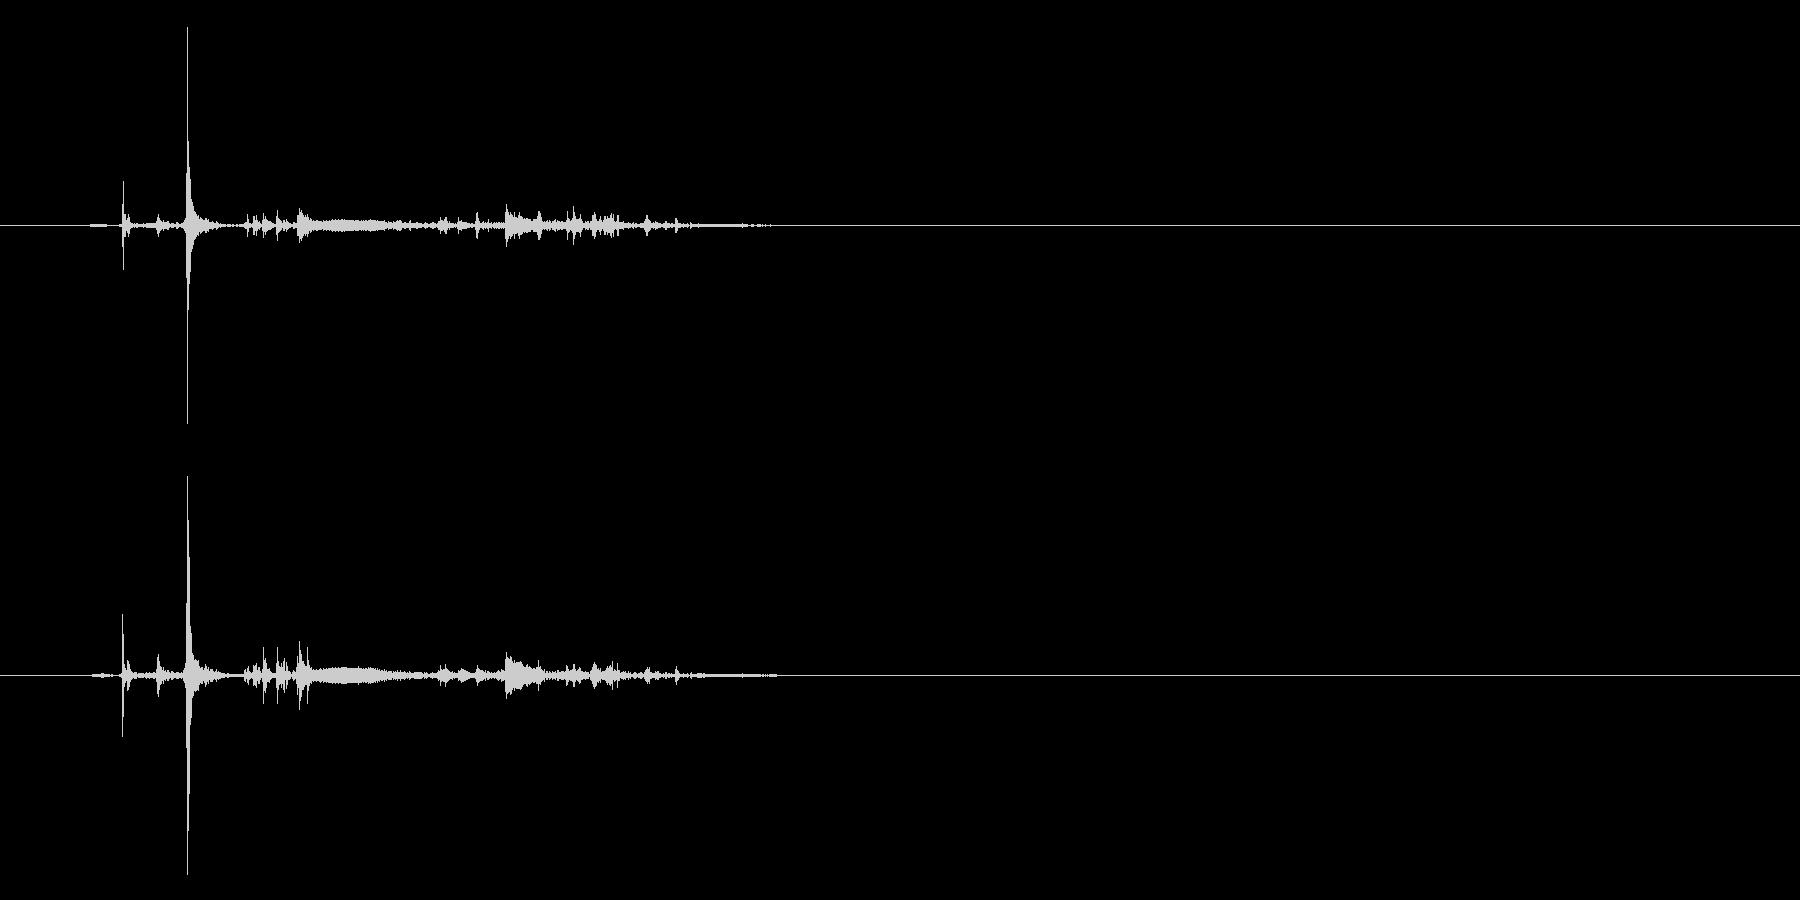 ポッチャン!池ポチャの音1の未再生の波形